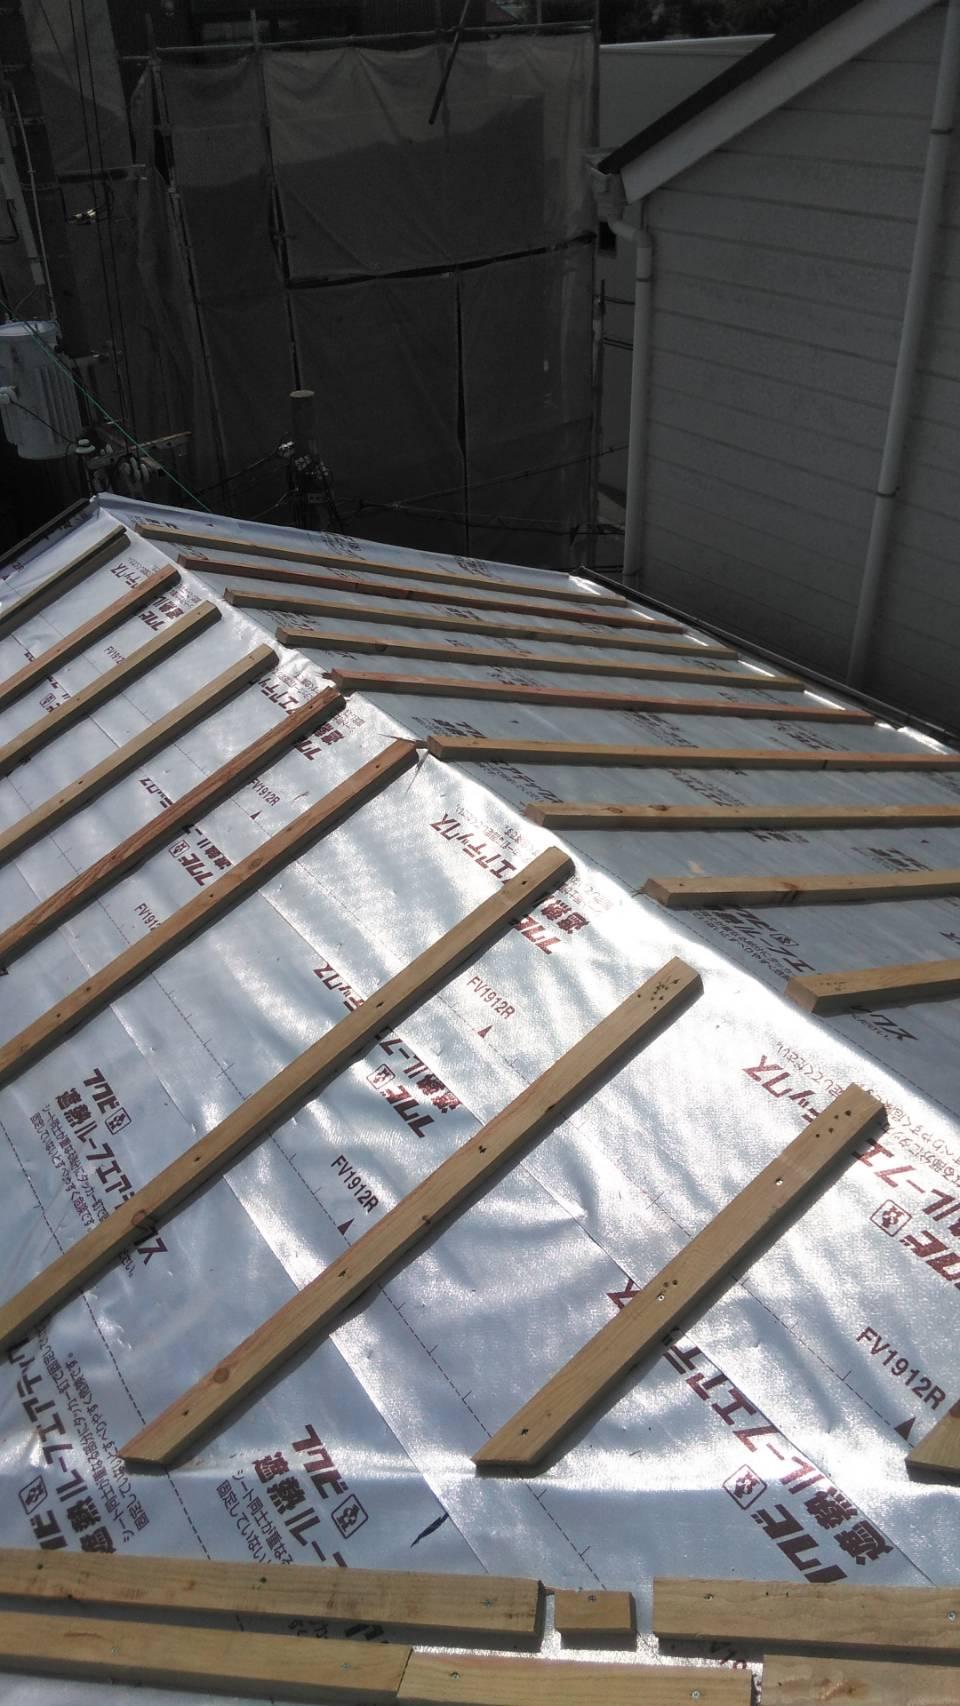 松原市H邸屋根葺き替え遮熱工事の様子です。